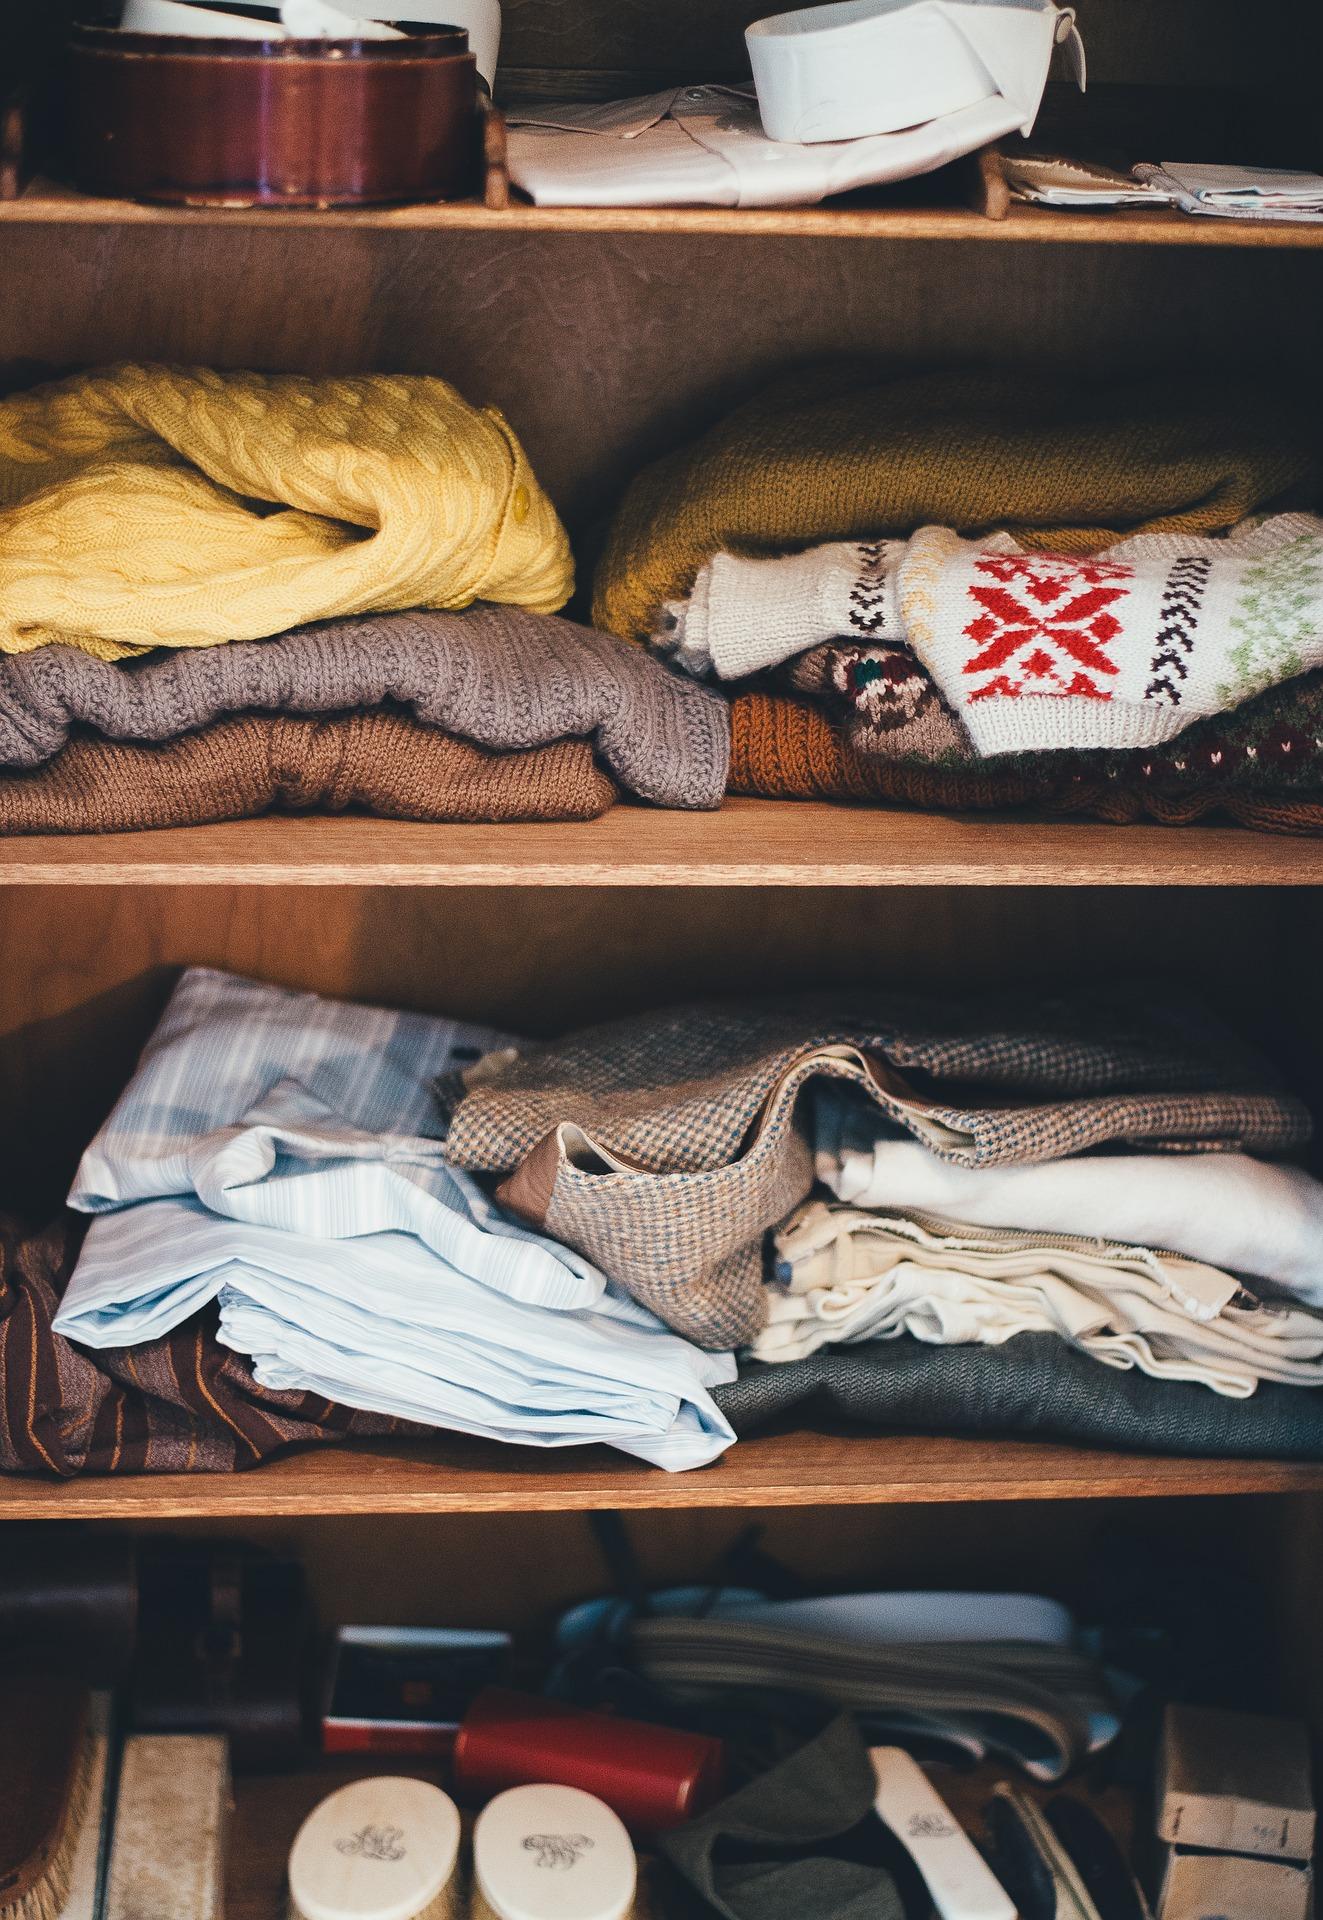 clothes folded on shelf